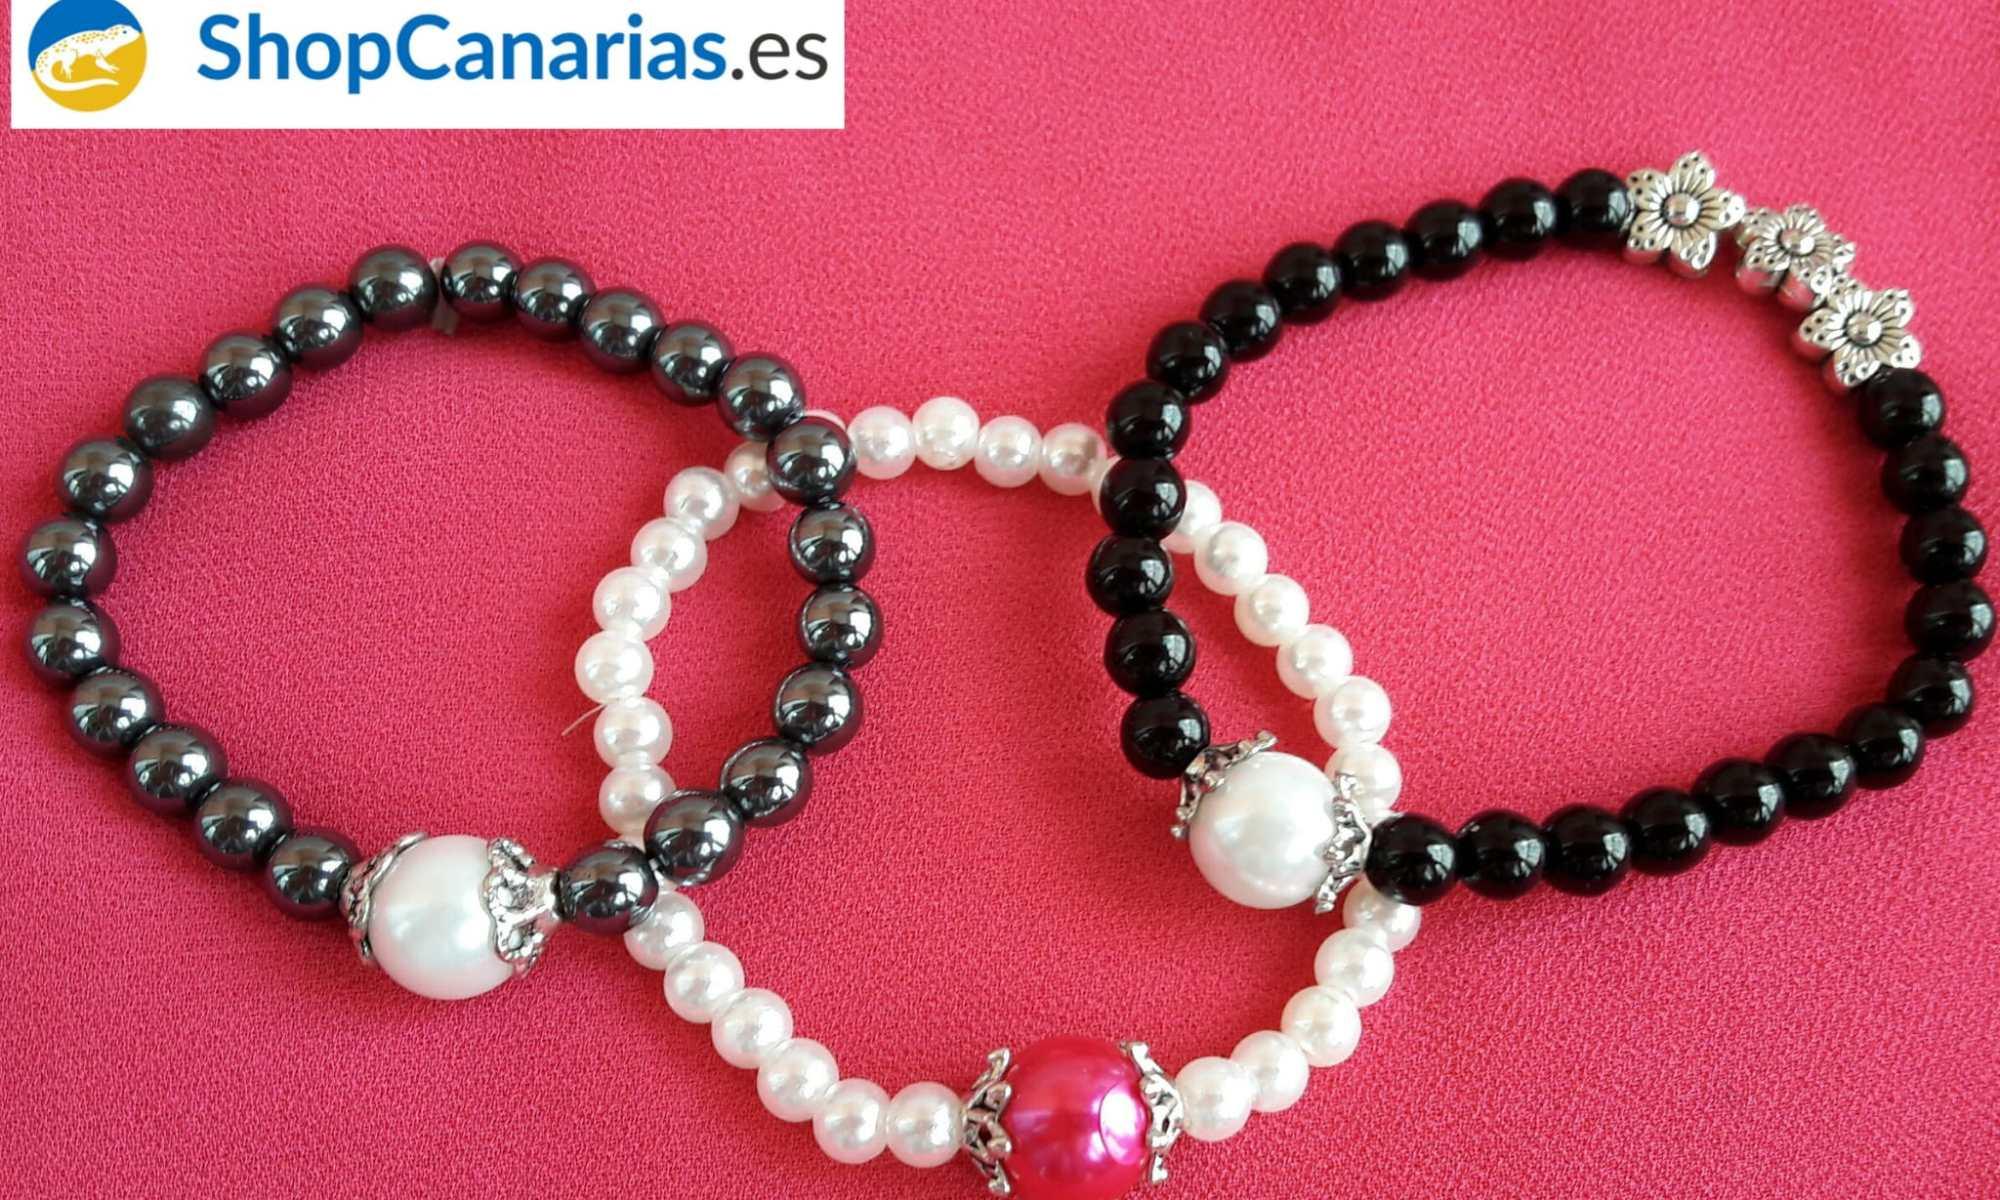 Pulsera Elástica de la marca Shopcanarias.es con Perla